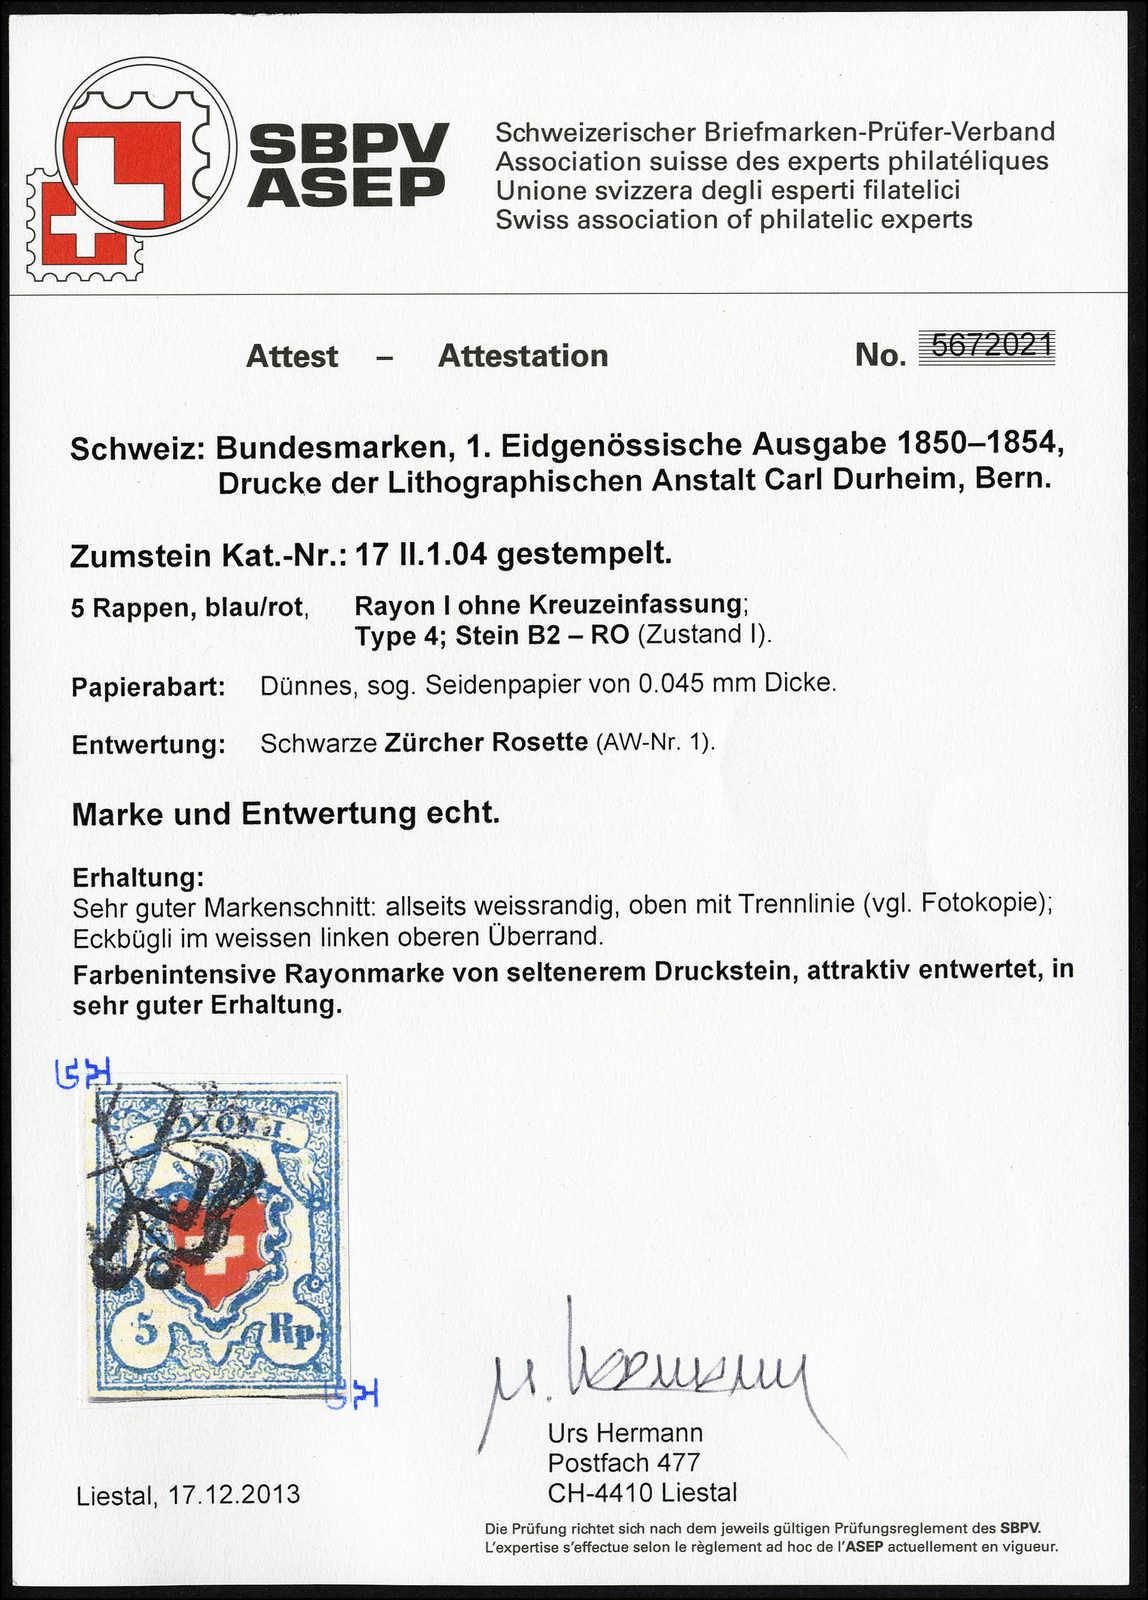 Lot 26 - sammlungen und posten sammlungen und posten altschweiz -  Rolli Auctions Auction #68 Day 1